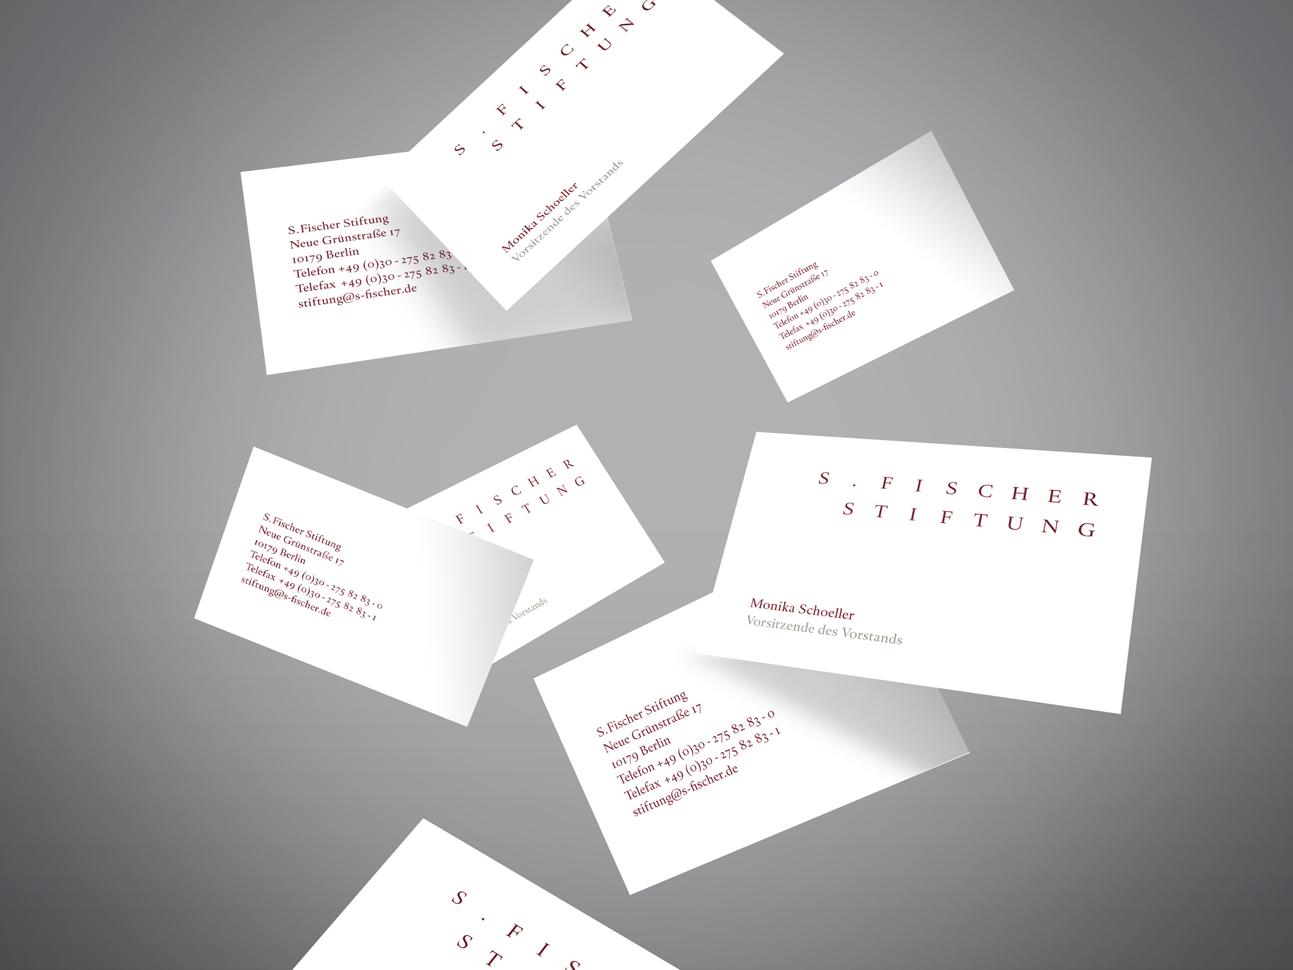 martin zech design, corporate-design, s. fischer stiftung, visitenkarte